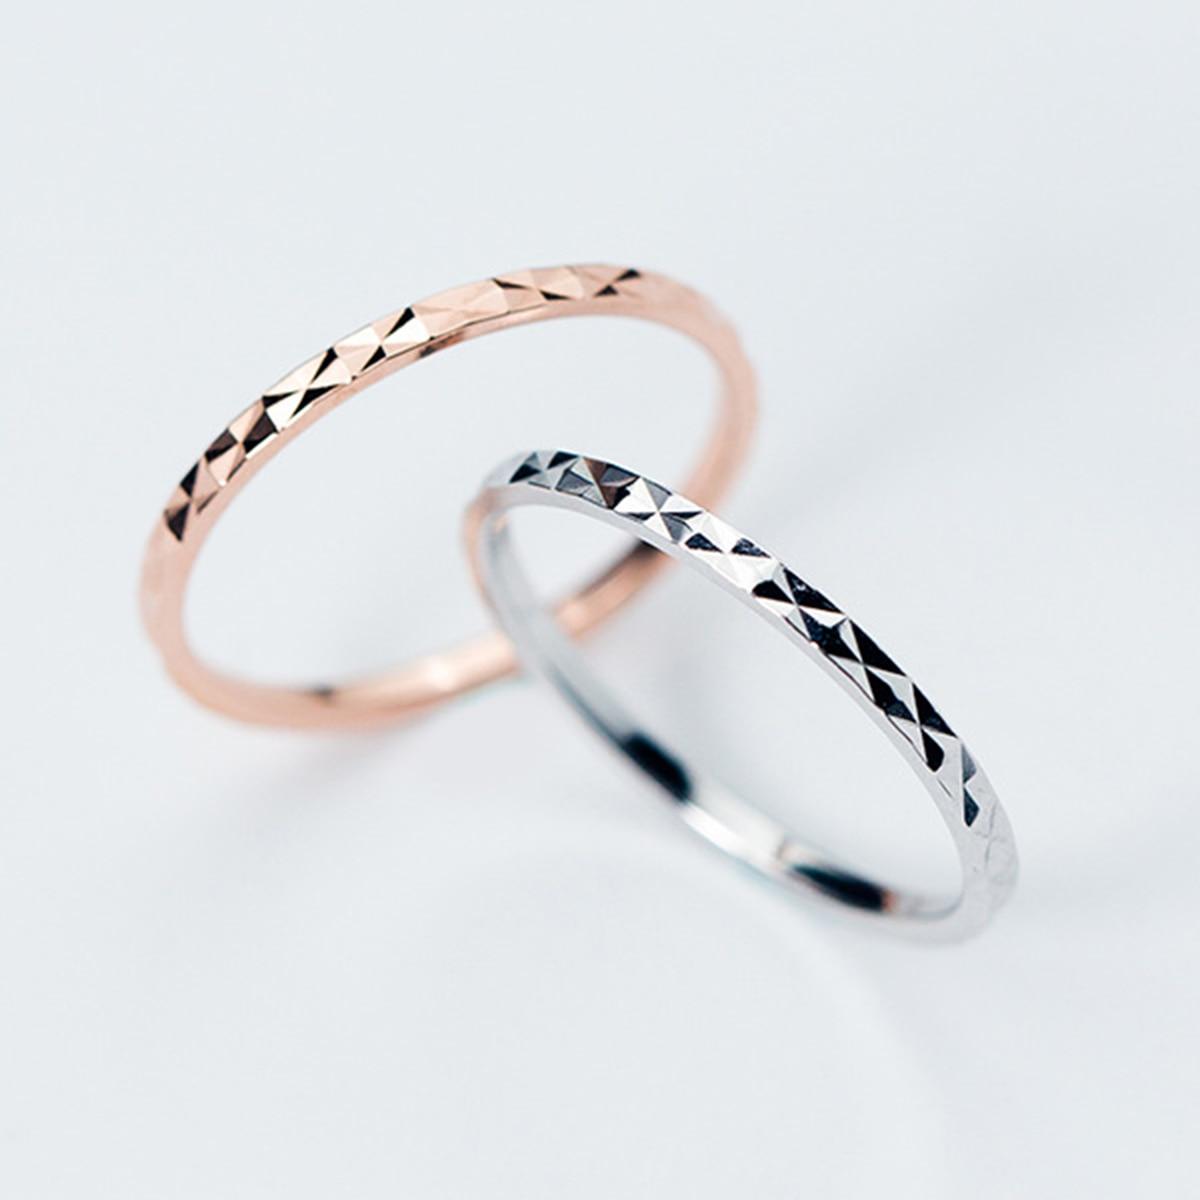 Серебряные/розовые золотые модные тонкие серебряные кольца для женщин обручальное кольцо Изящные ювелирные изделия для женщин